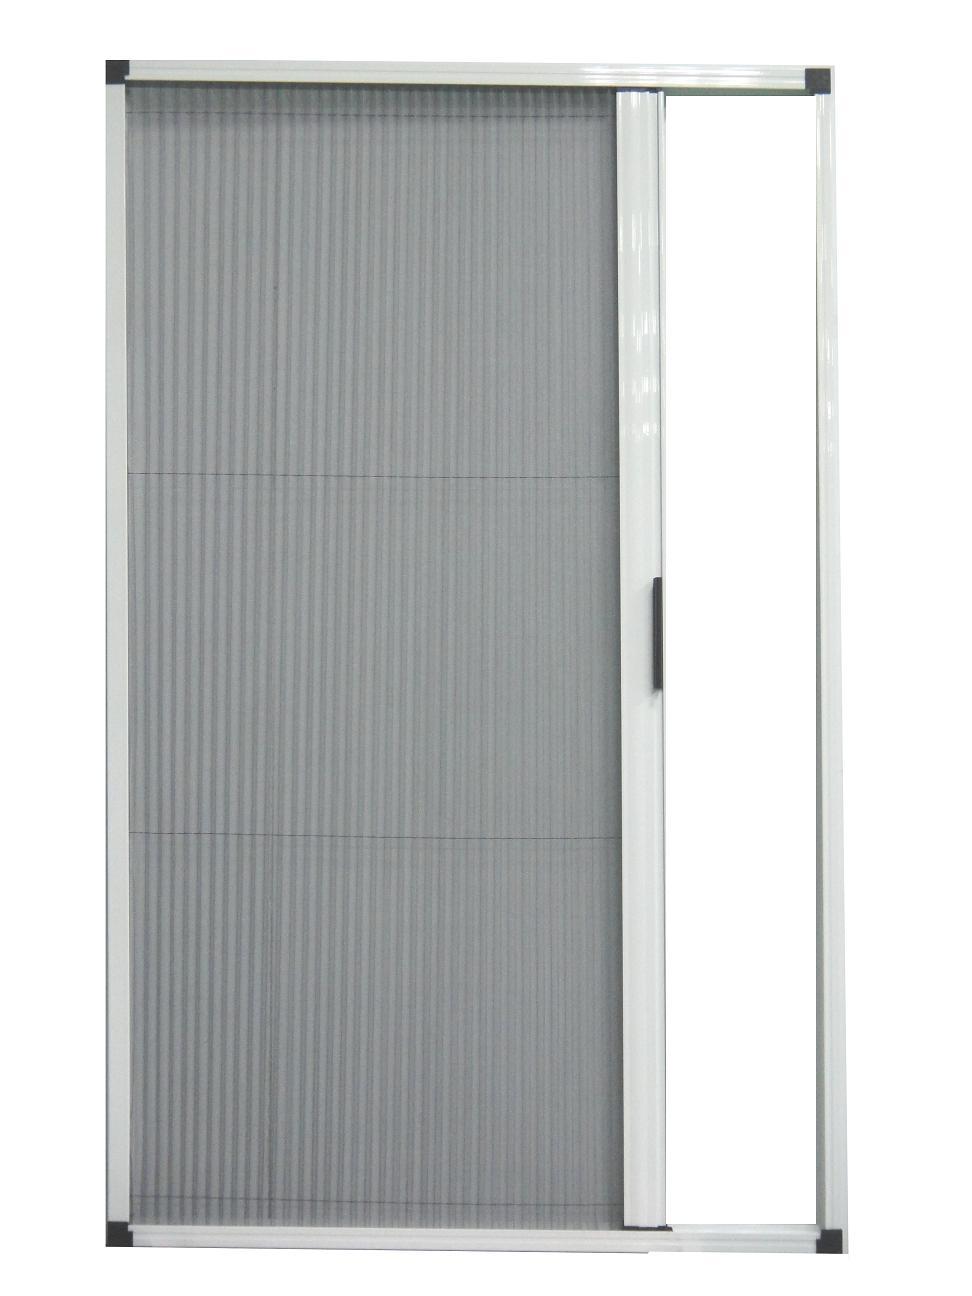 DIY Barrier-Free Pleated Retractable Screen Door / Taroko Door & Windows Technologies, Inc.